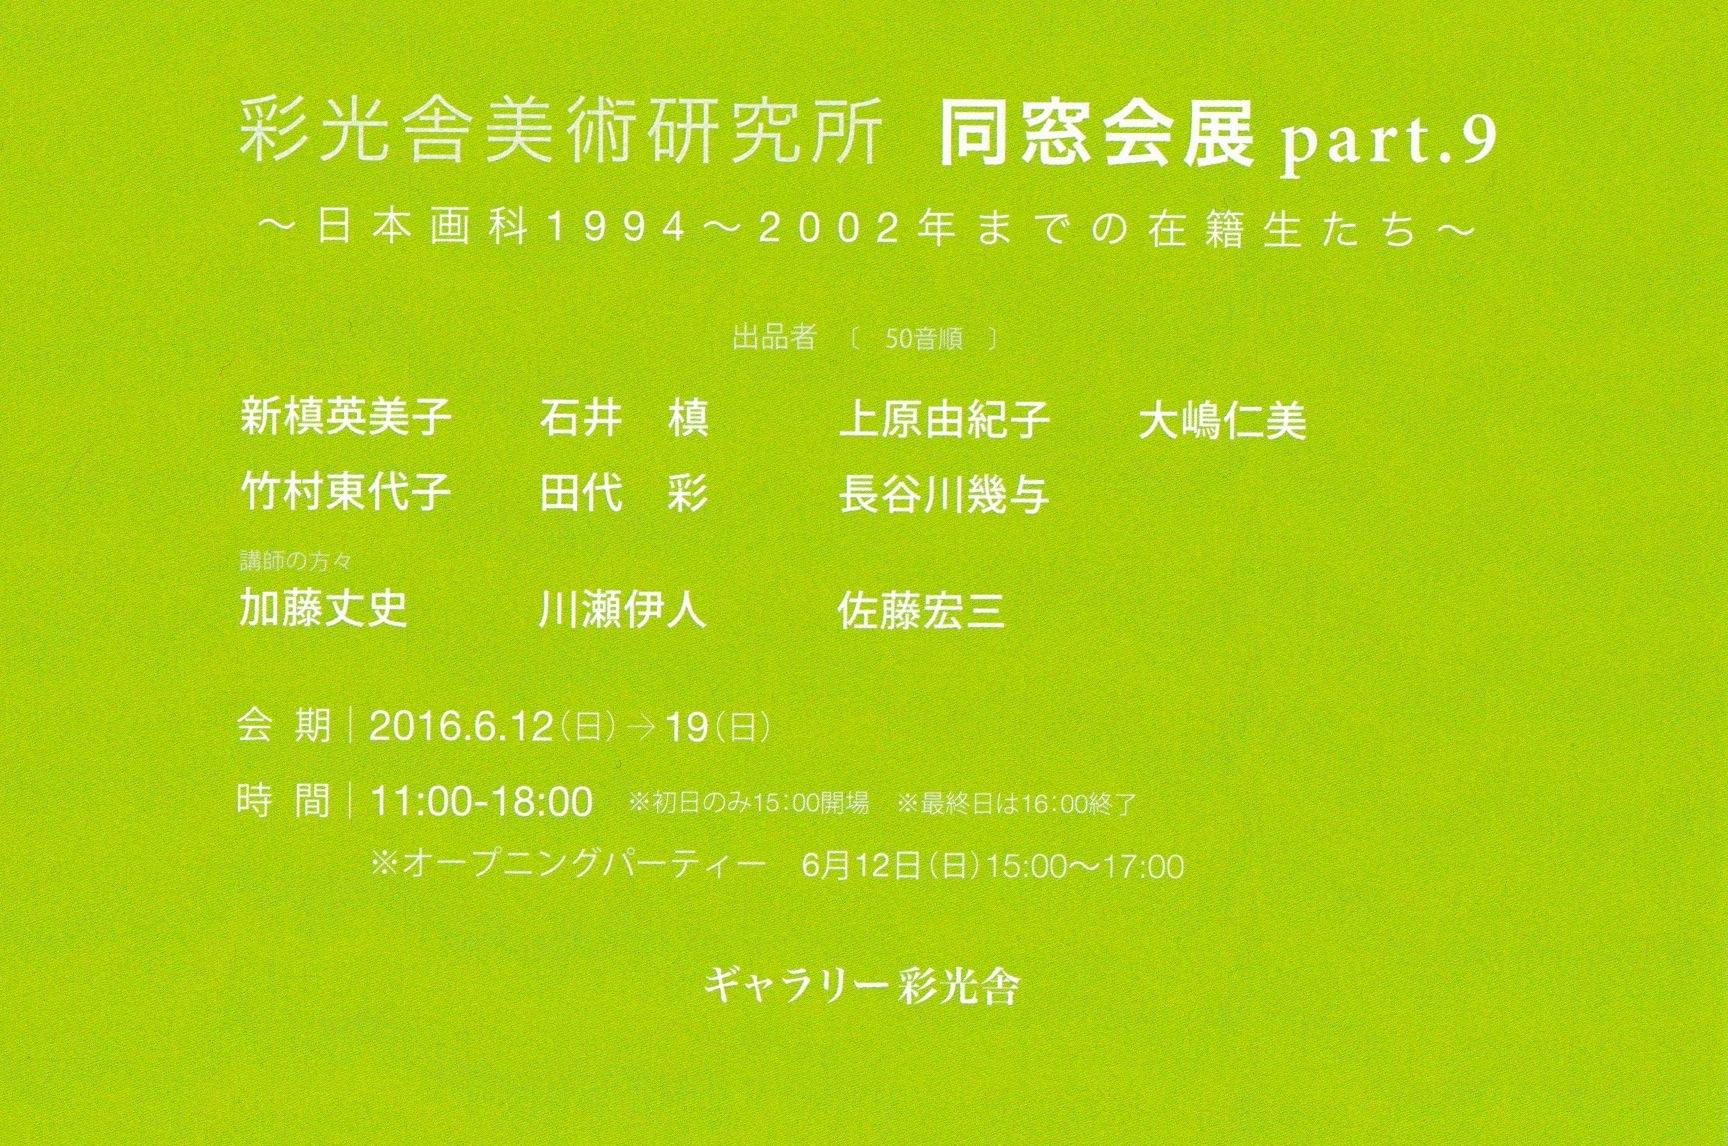 彩光舎美術研究所 同窓会展